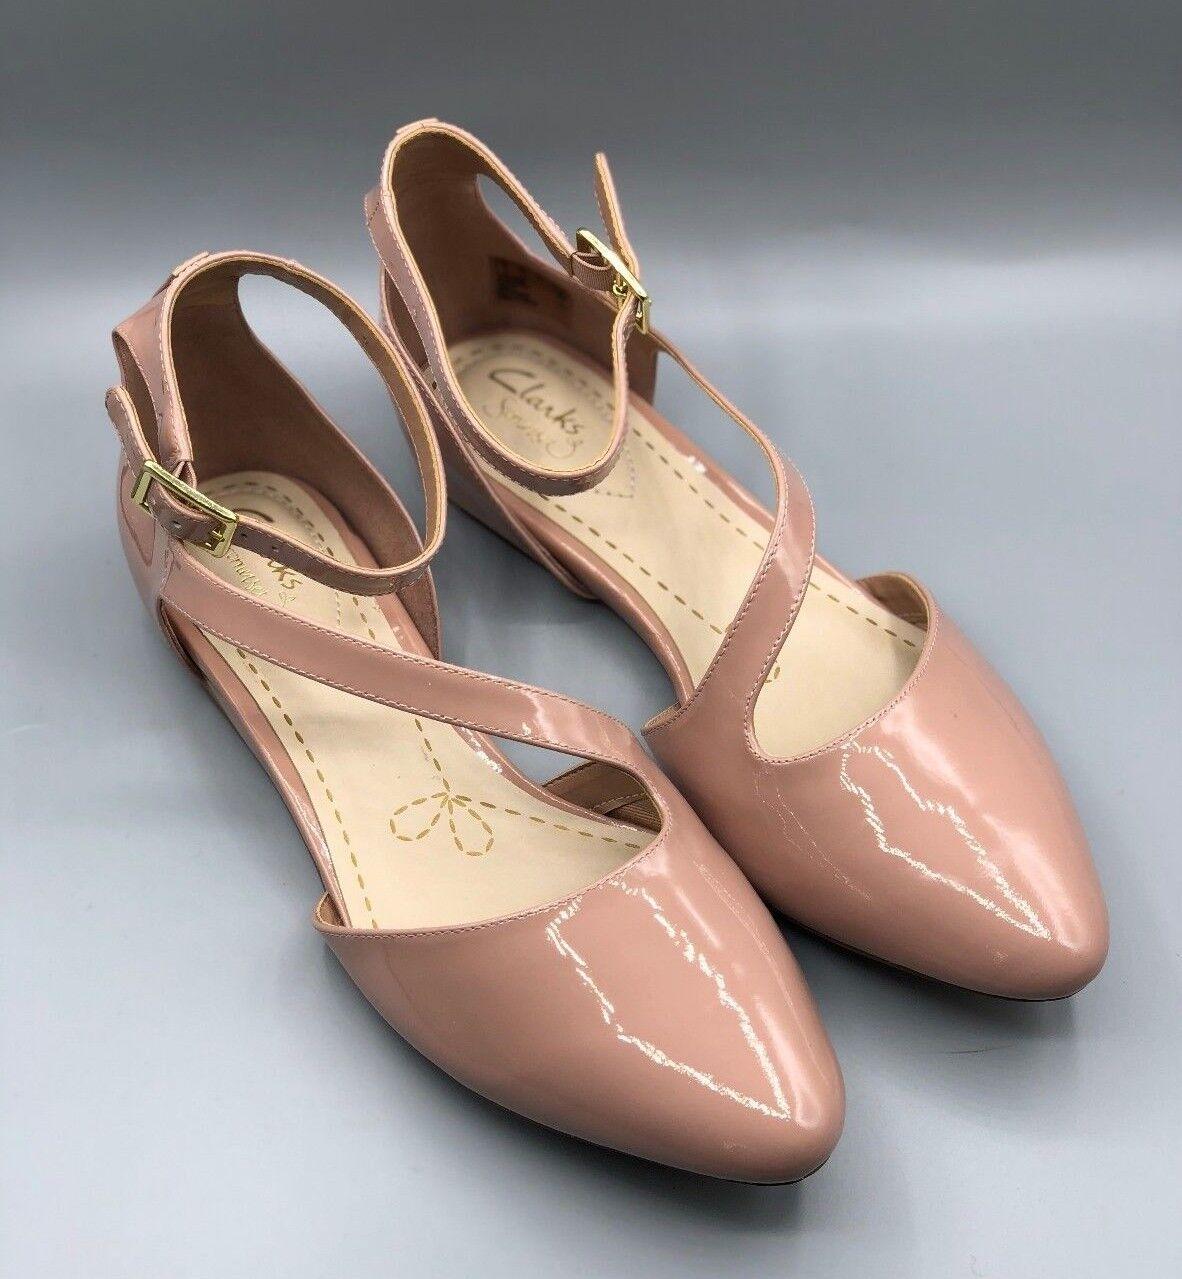 Nuevo Clarks Clarks Clarks  Coral Fizz  Damas Polvoriento rosado Charol Zapatos UK 5.5 D  aquí tiene la última